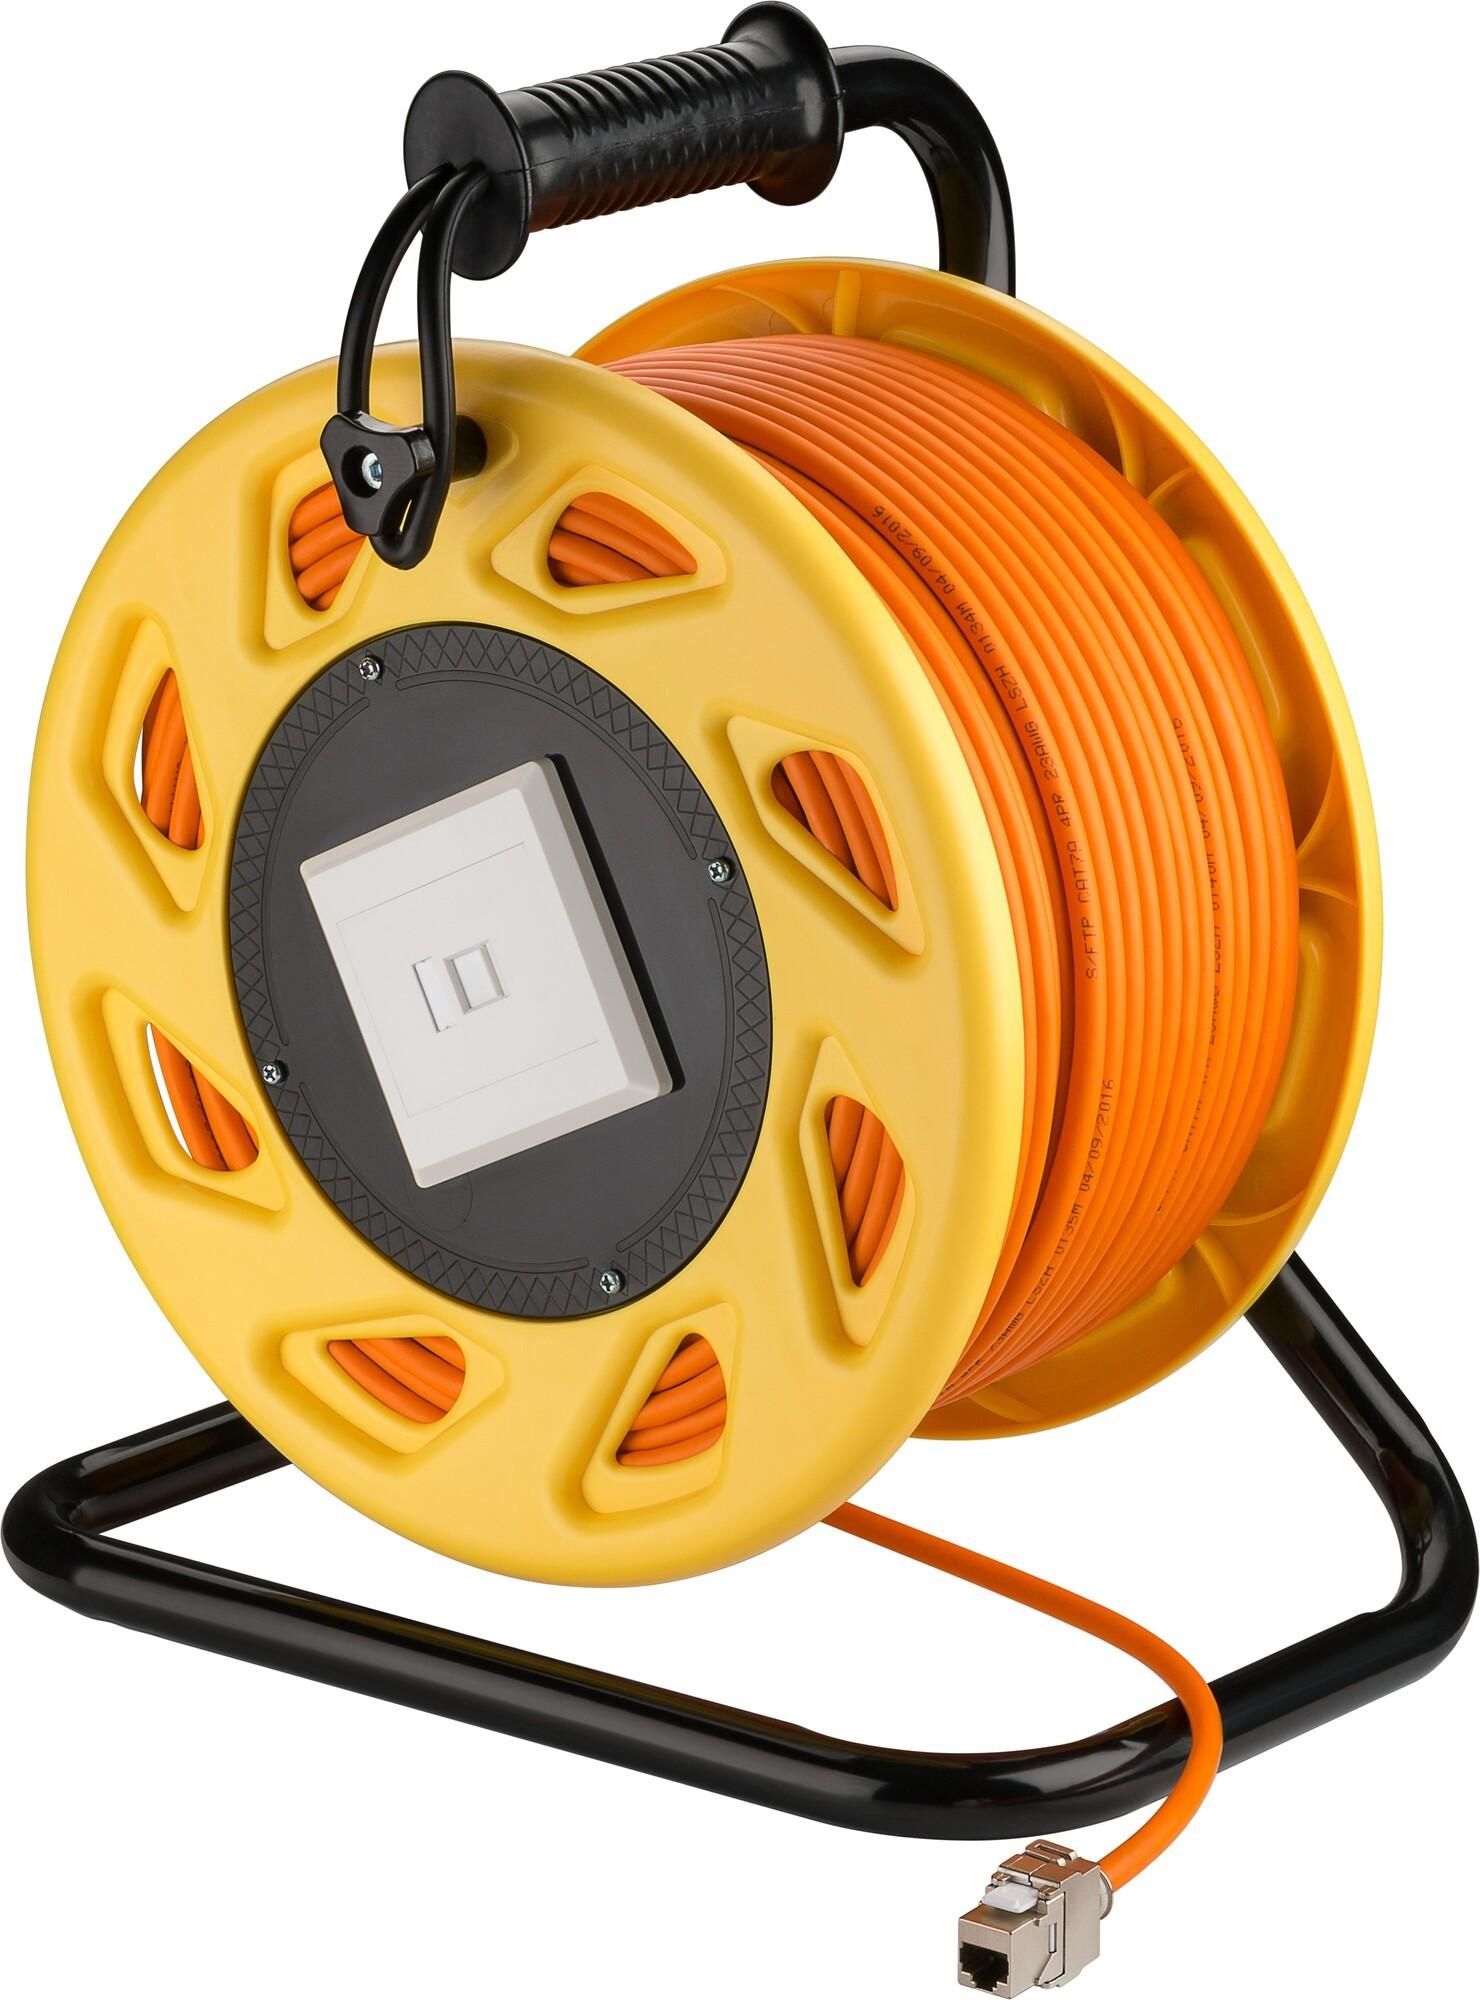 Afbeelding van CAT7 S/FTP Kabelhaspel met CAT6a Keystone Connector - RJ45 - 90 Meter